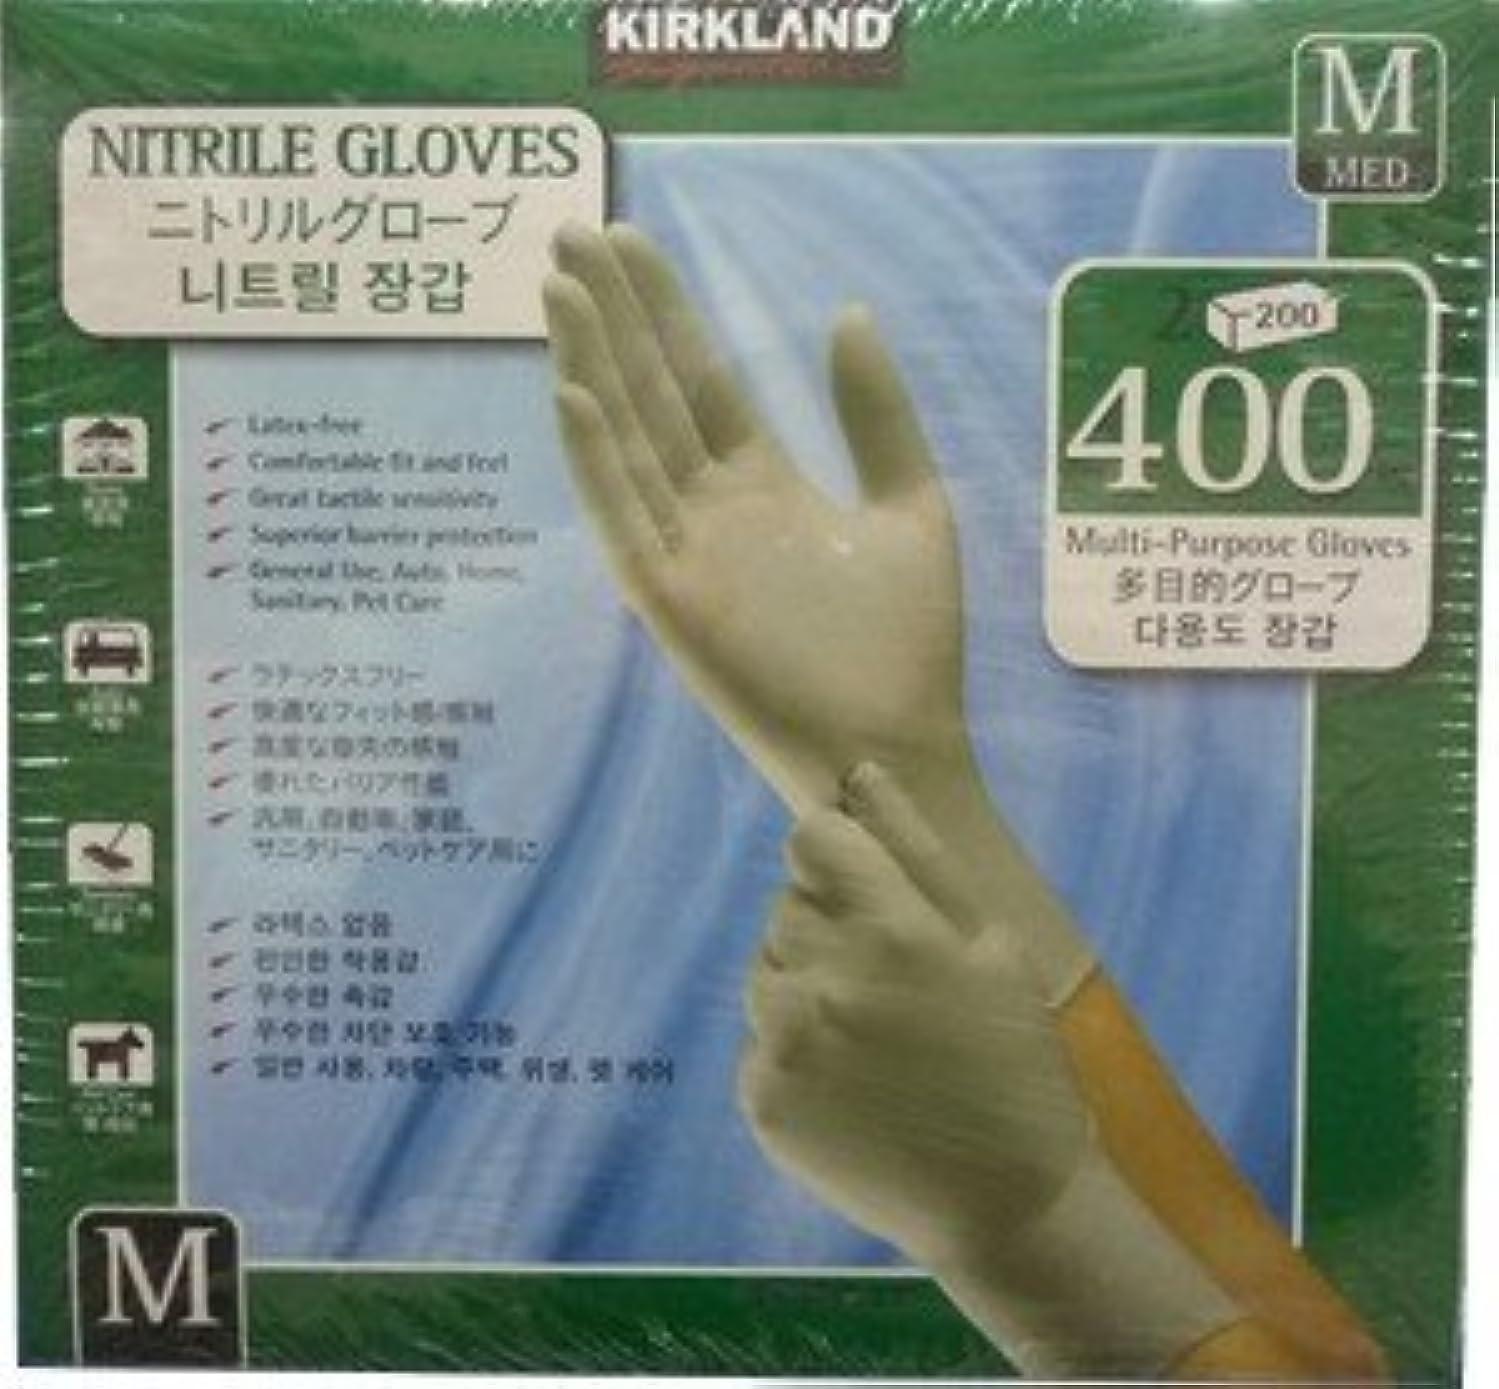 と洗練明らかKIRKLAND カークランド ニトリルグローブ 手袋 Mサイズ 200枚×2箱